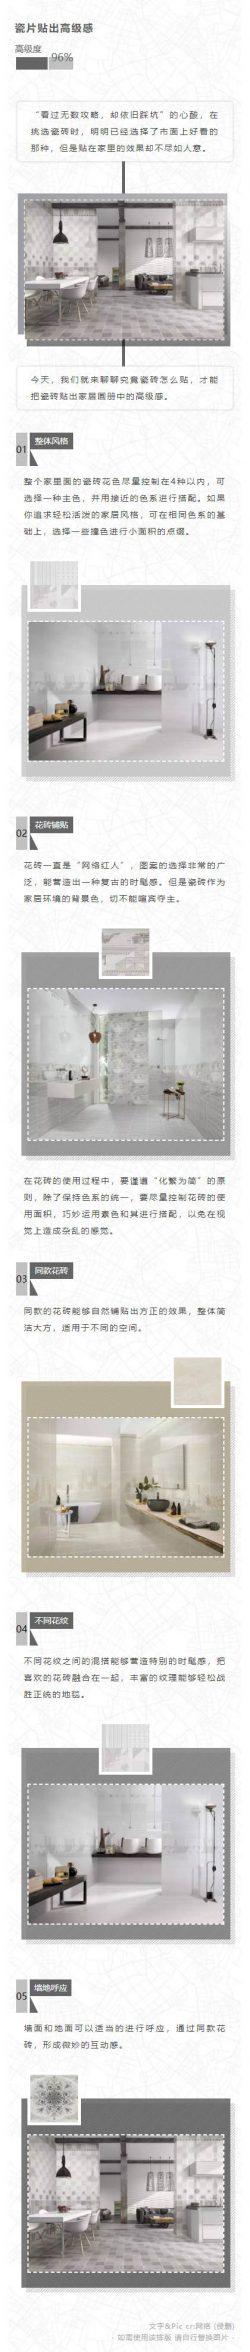 家居设计瓷砖装修风格高档高端微信文章模板